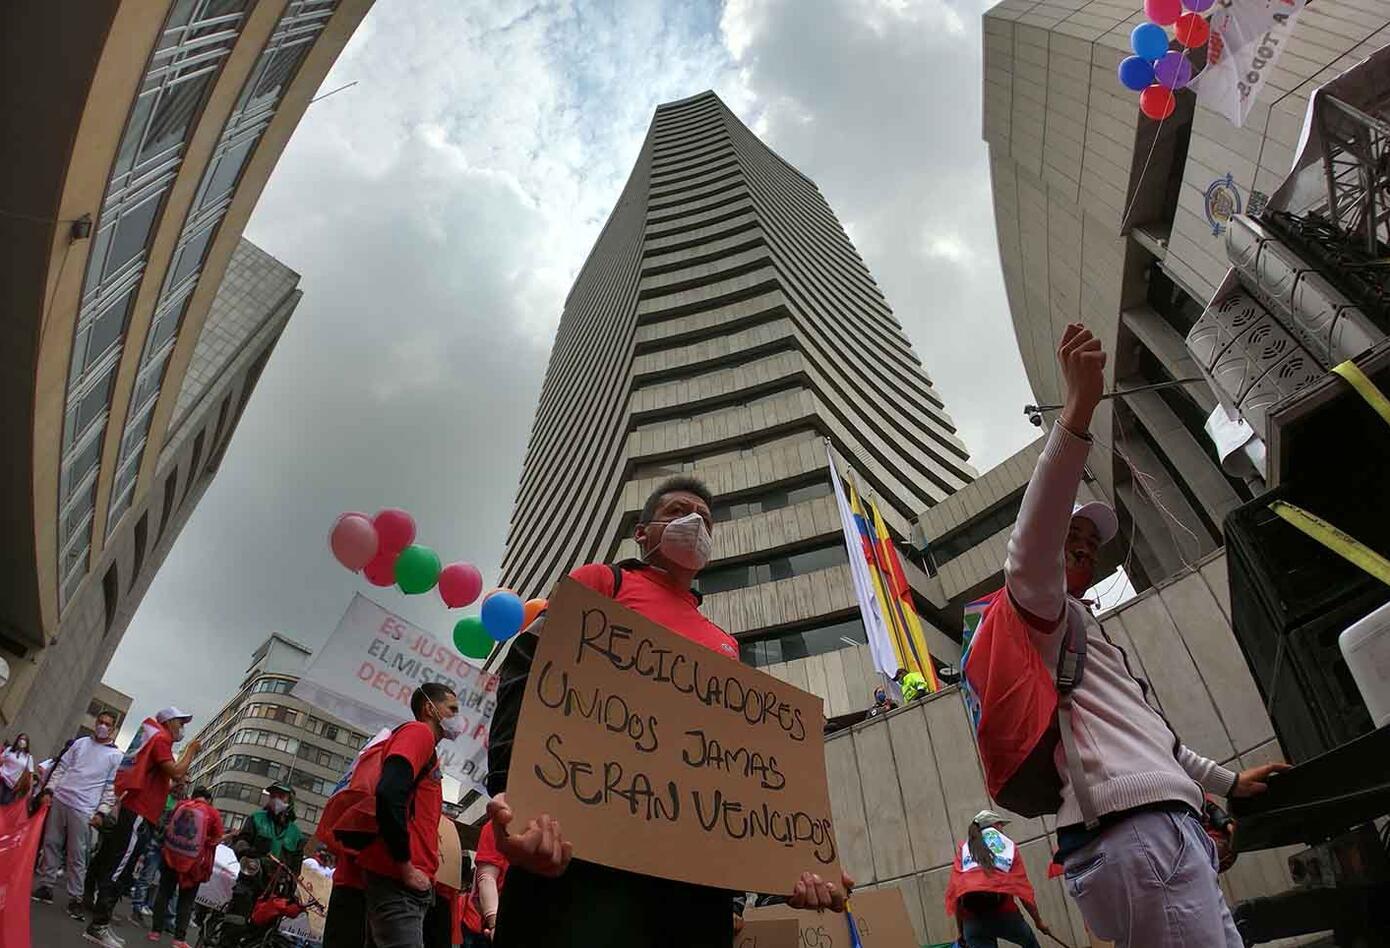 Recicladores protestan en Bogotá